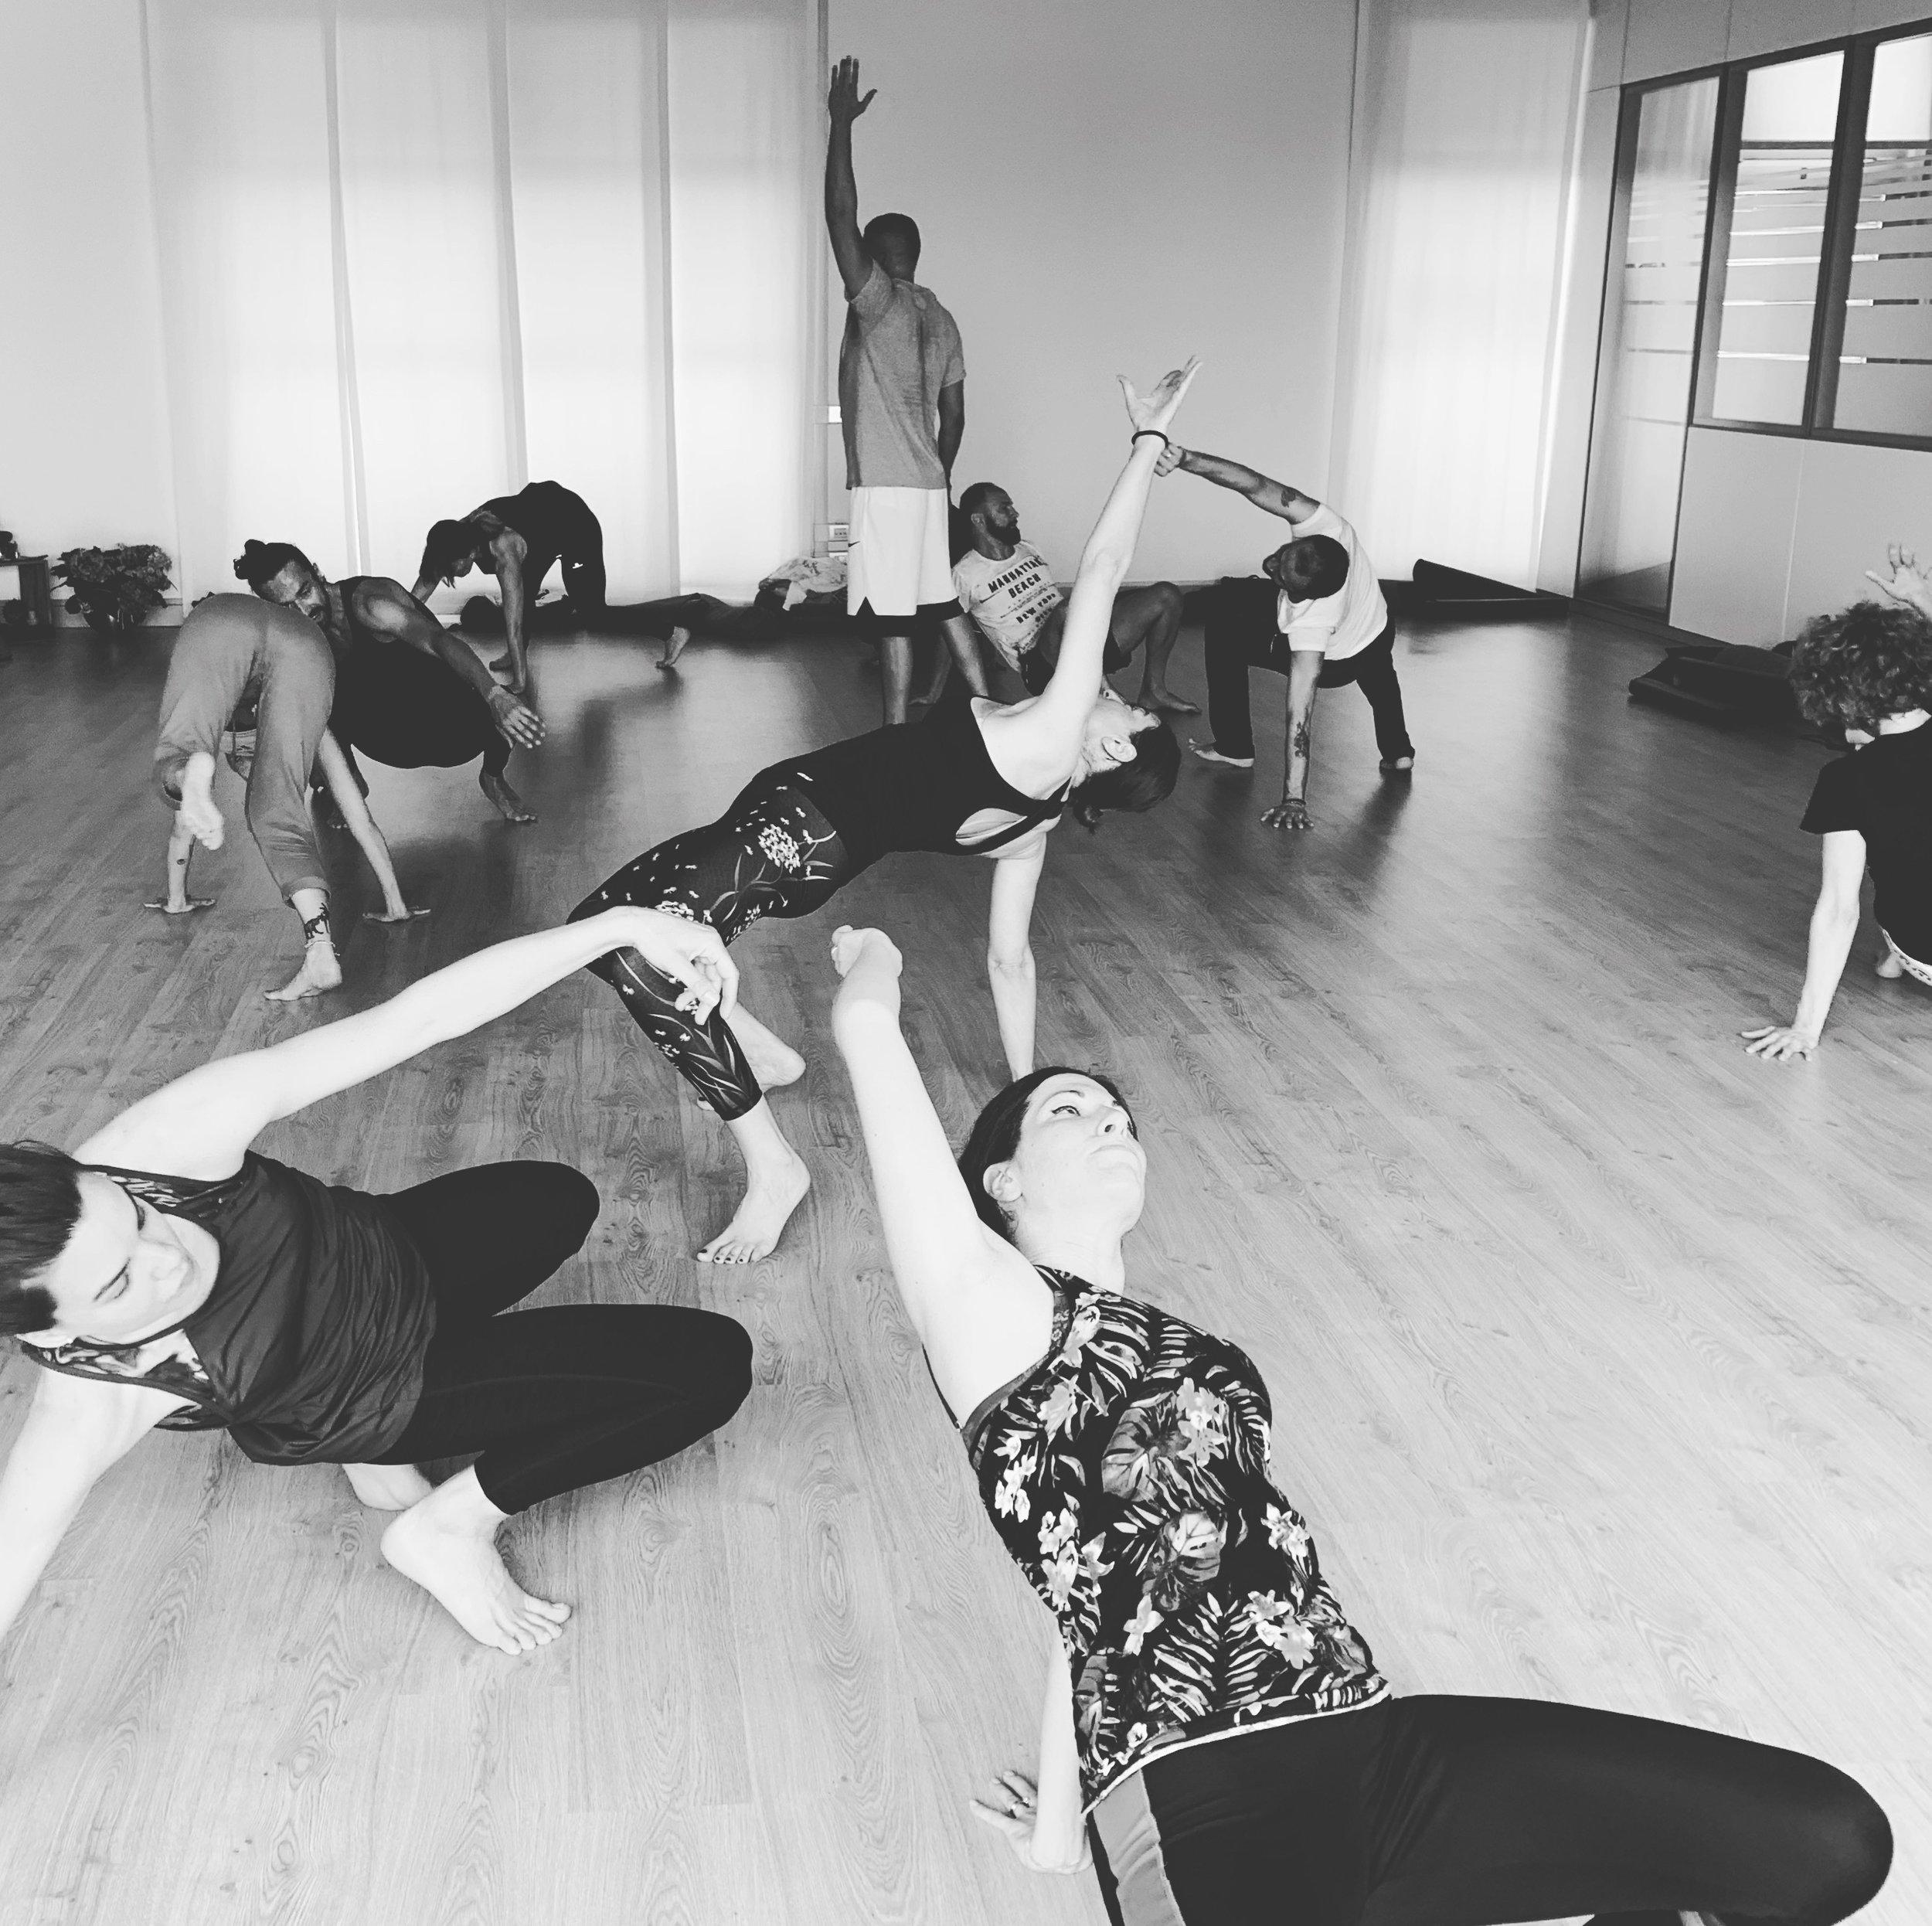 MASTER YOGA OFF THE MAT - Formazione YOTM valido per 300hDATE IN AGGIORNAMENTOSATYA YOGA - San Donà di Piave, VeneziaMaster teorico-pratico per lo sviluppo di un allenamento integrale basato su 20 innovative sequenze di esercizi a corpo libero. Le sequenze provengono dal Vinyasa Yoga, dalla Capoeira Angola e dal Training Funzionale. Sviluppato in quattro giornate il master è costruito per apprendere nuovi schemi di movimento ed essere in grado di insegnarli agli altri in completa sicurezza.DURATA: 4 Giorni TIPOLOGIA: Master di formazioneINTENSITA: ★★★☆